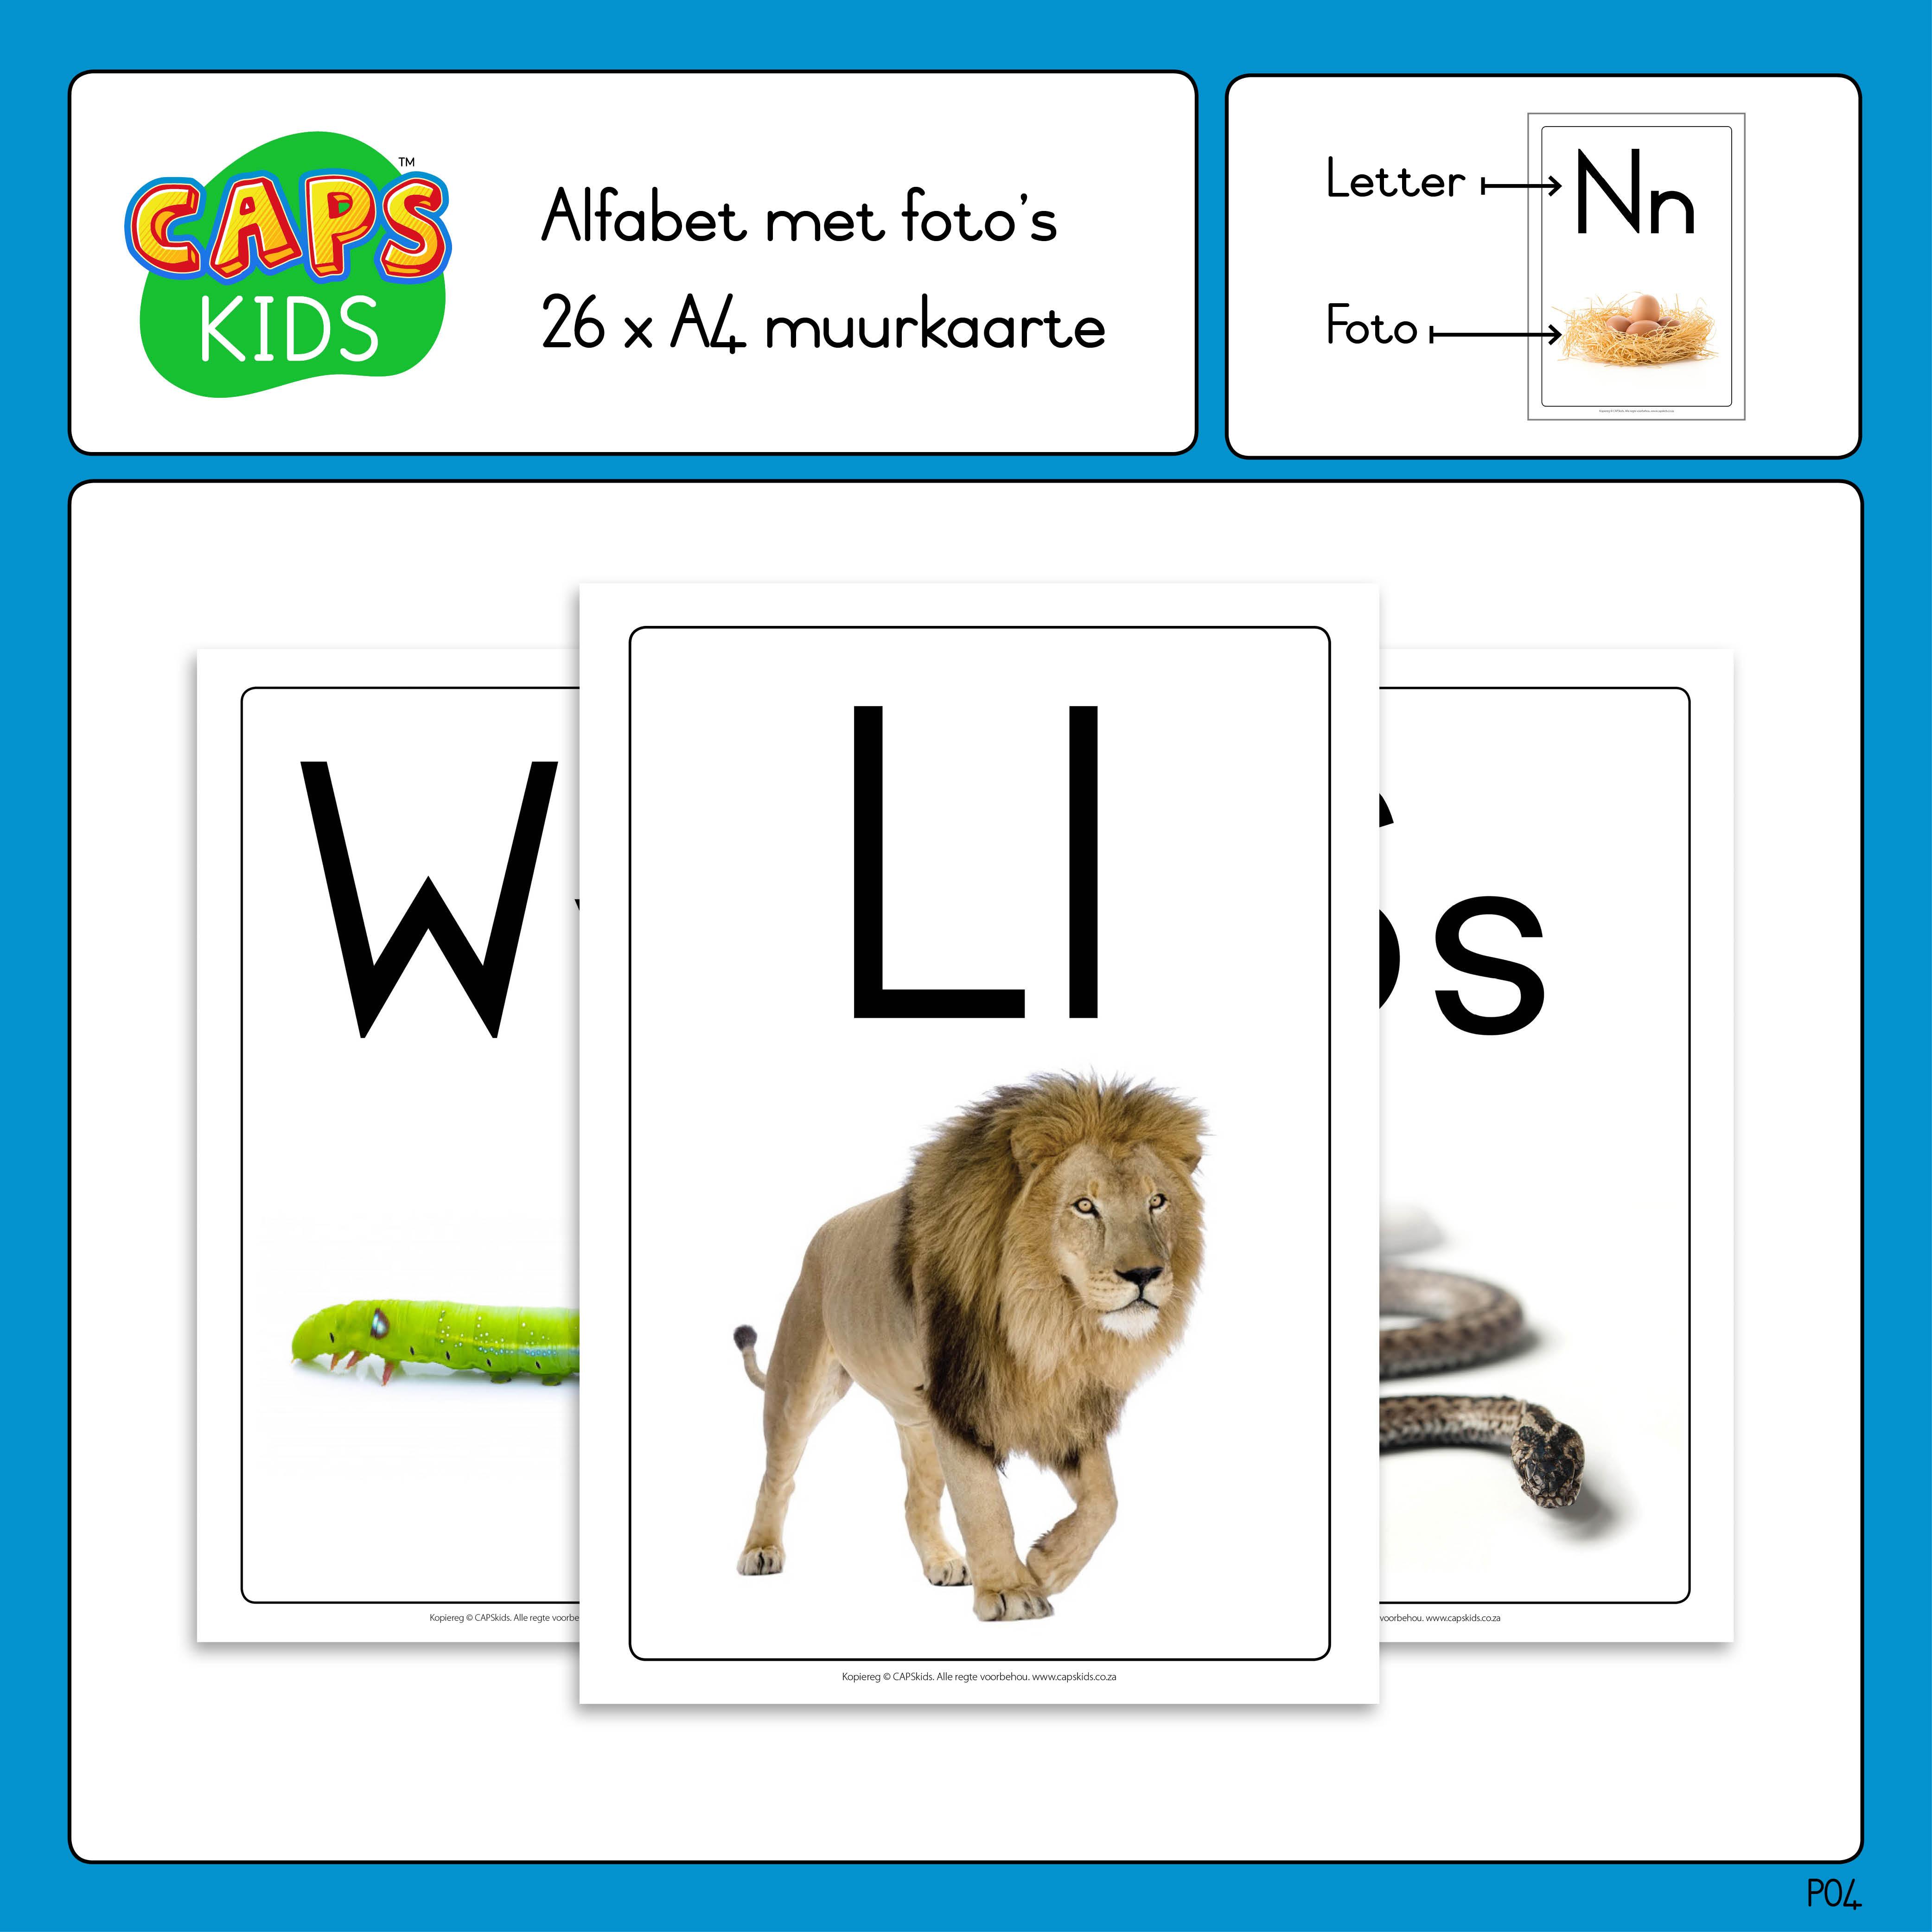 CAPSkids Afrikaanse alfabet plakkate muurkaarte ABC posters met foto